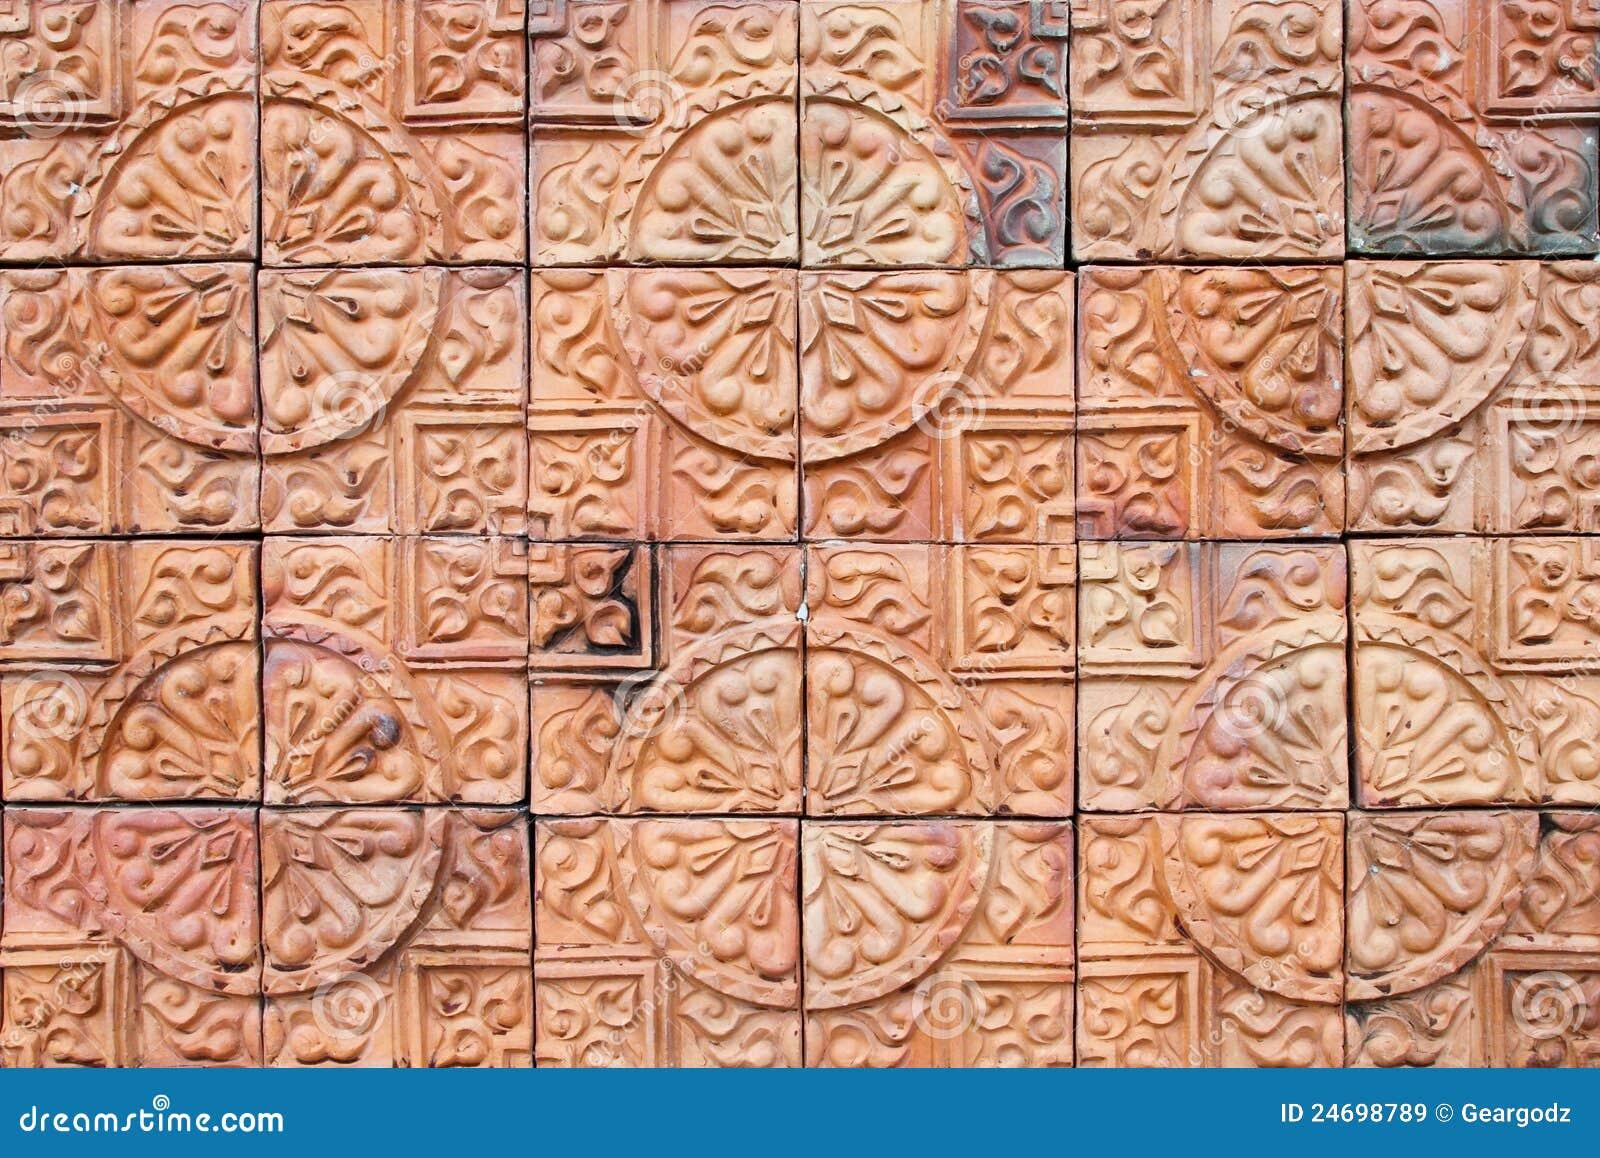 Buddha Texture Tile Wall Stock Image Image Of Brown